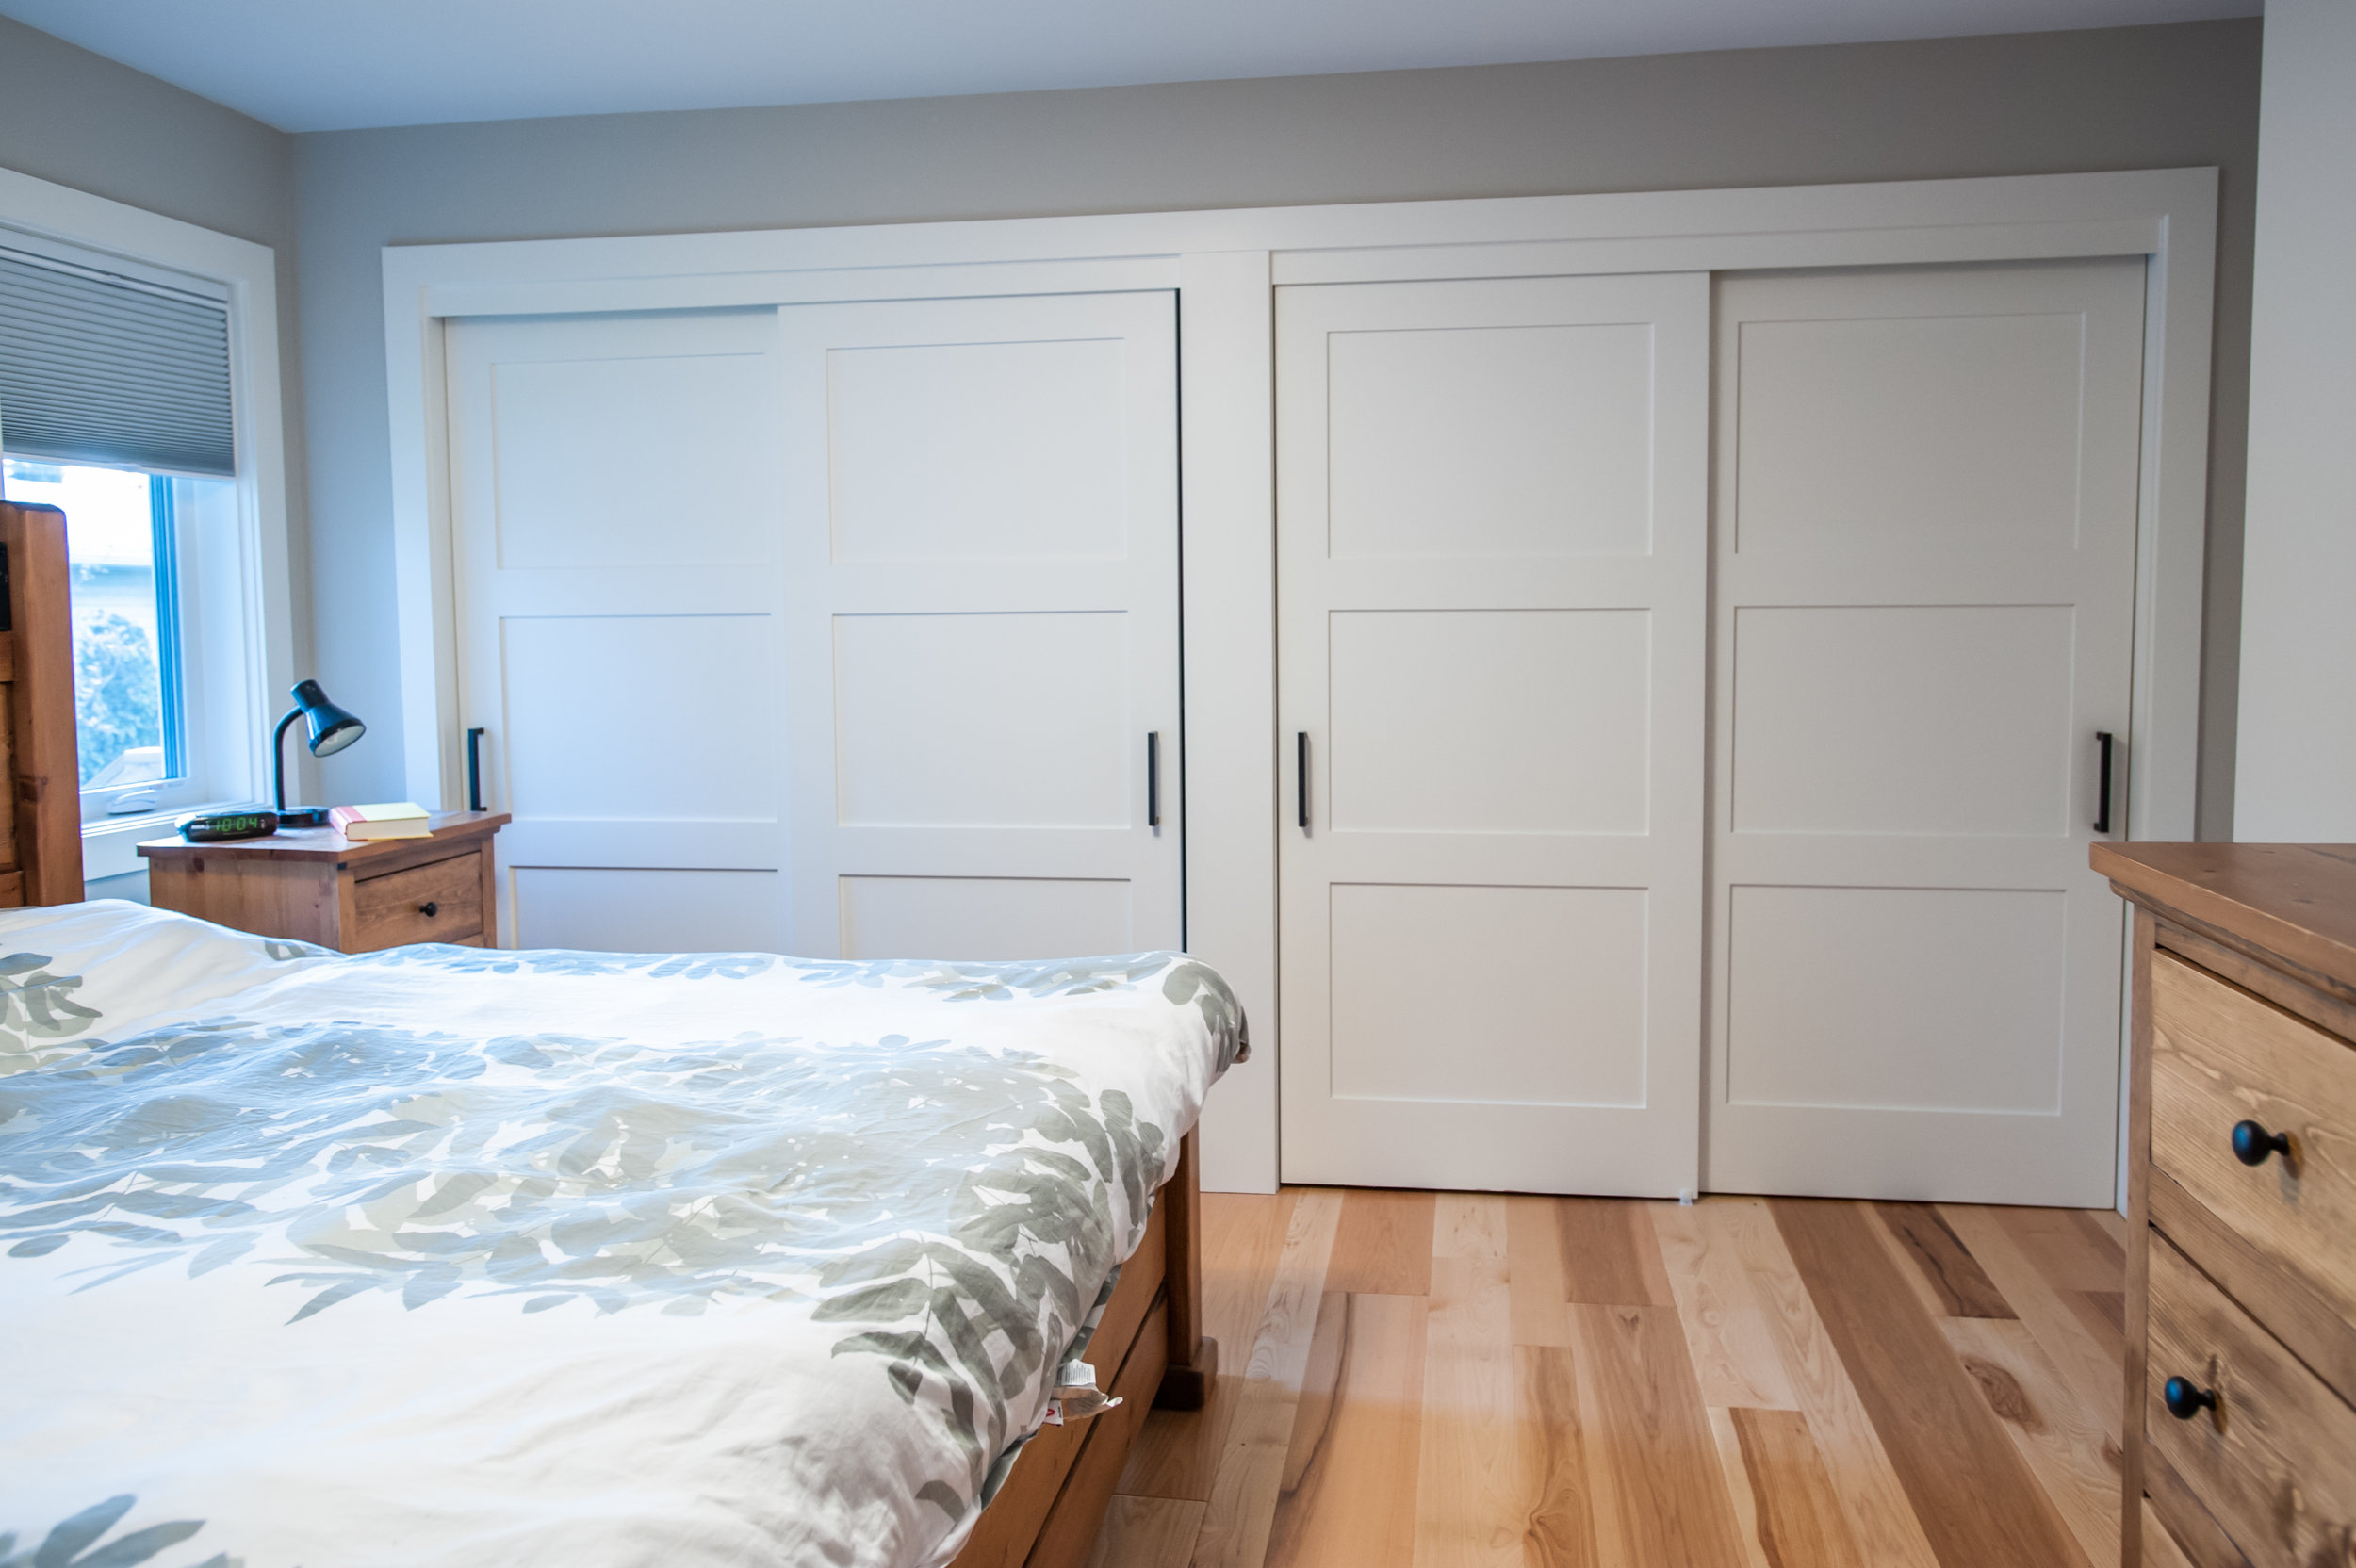 closet_doors